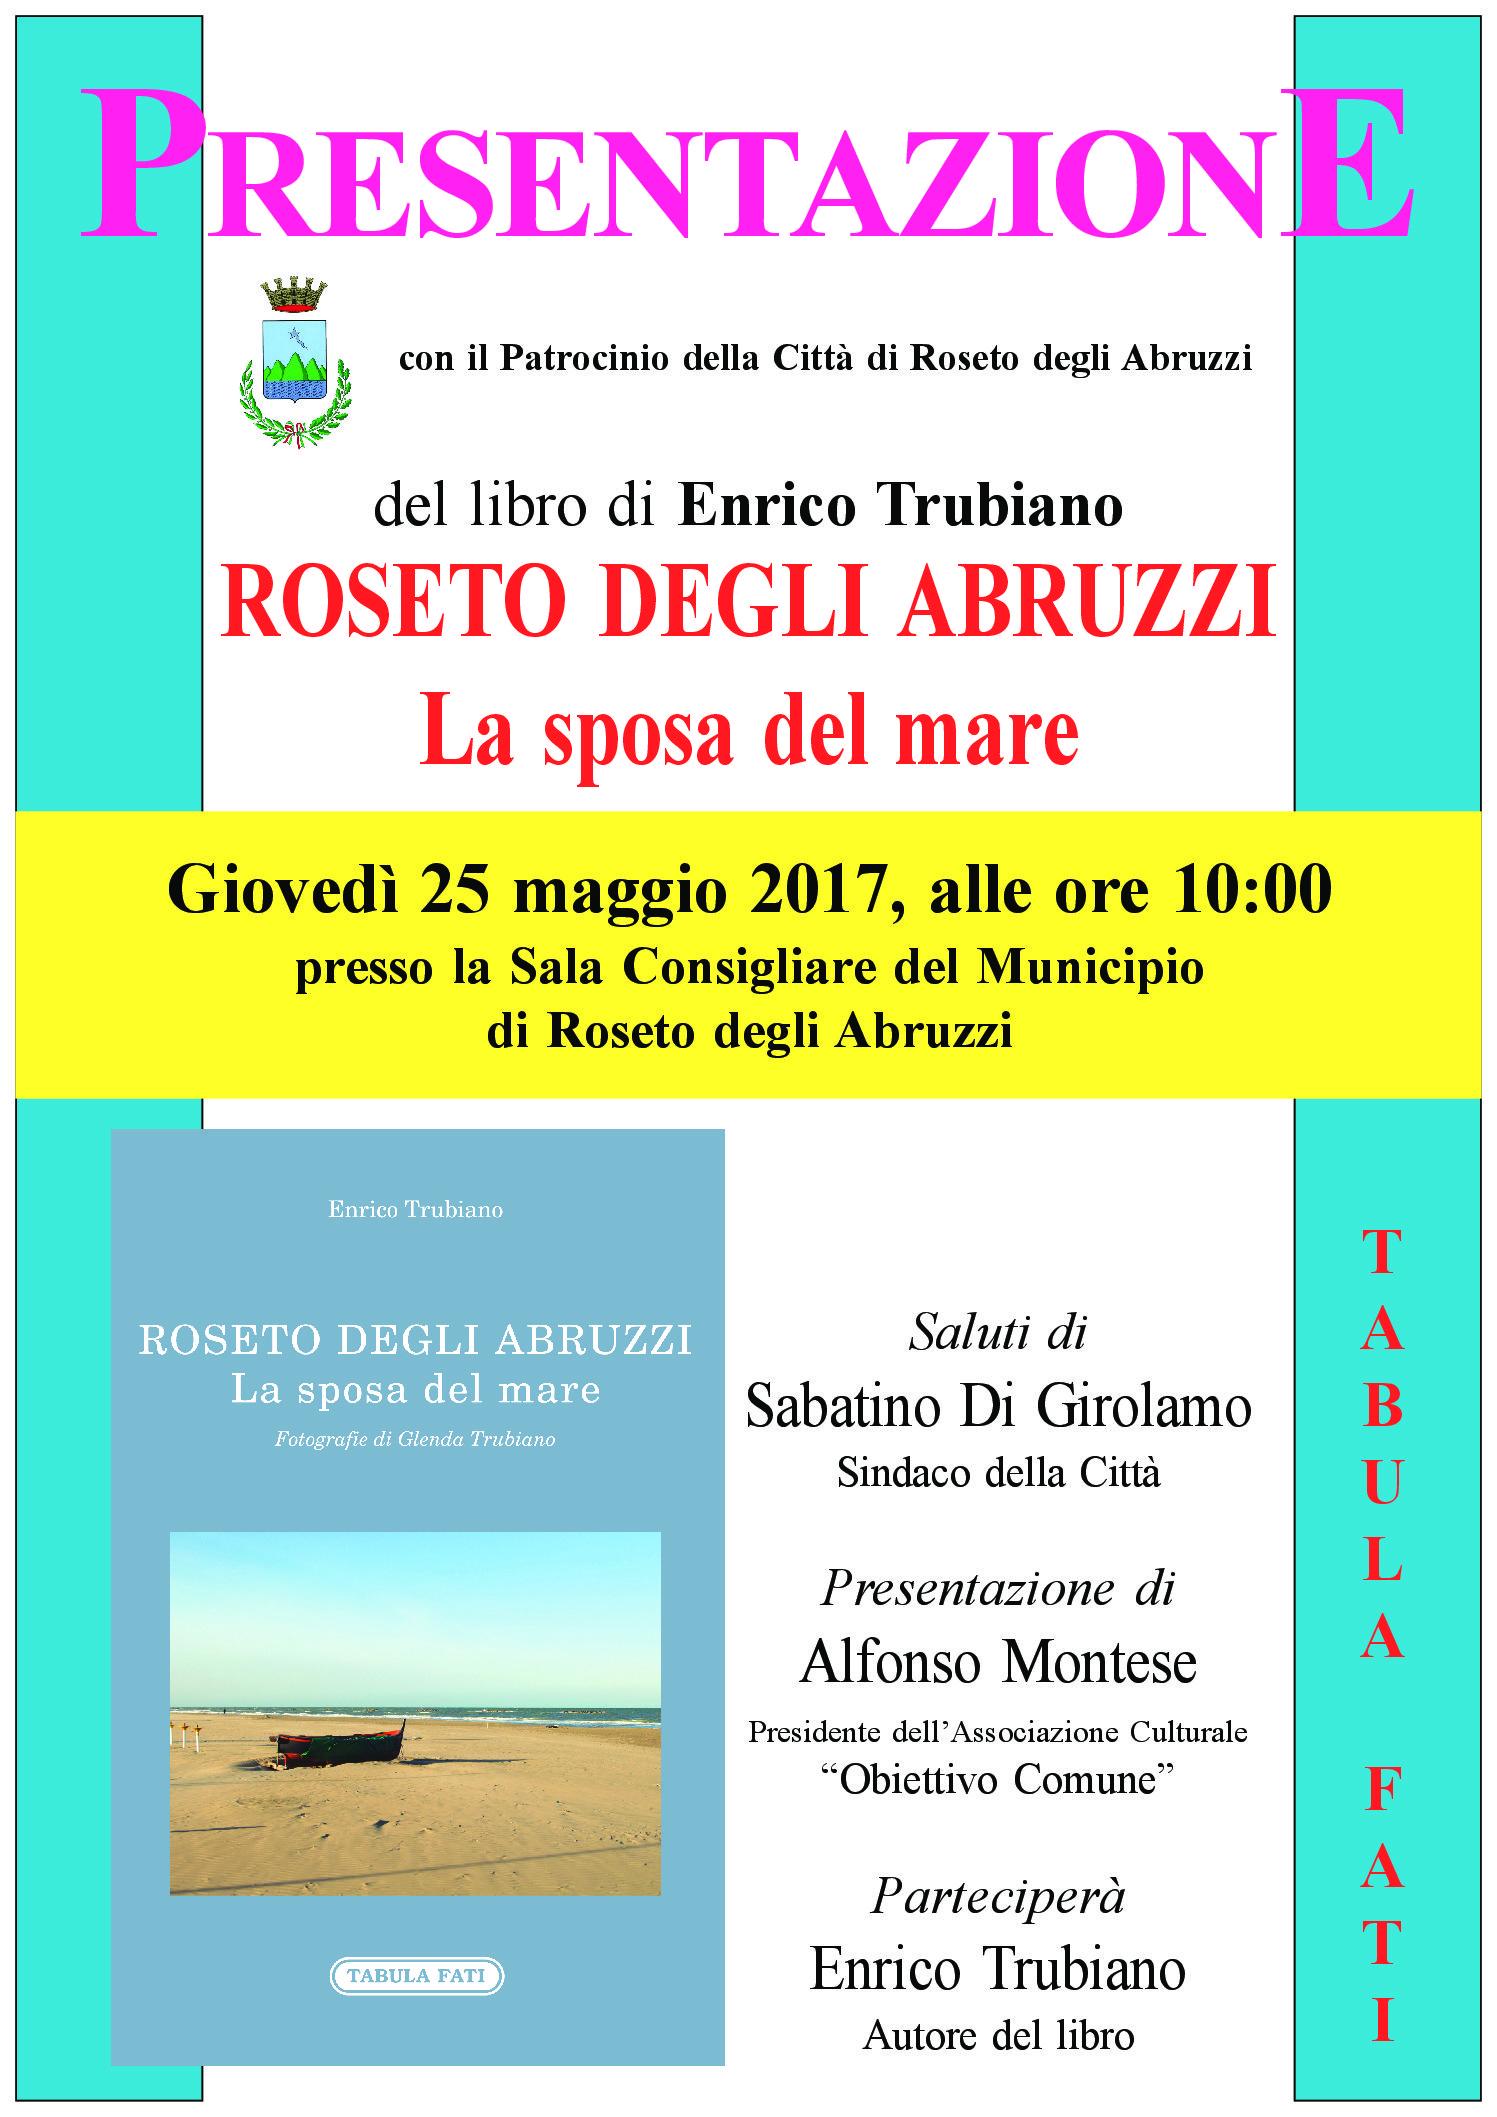 Editoria.Il nuovo libro di Enrico Trubiano